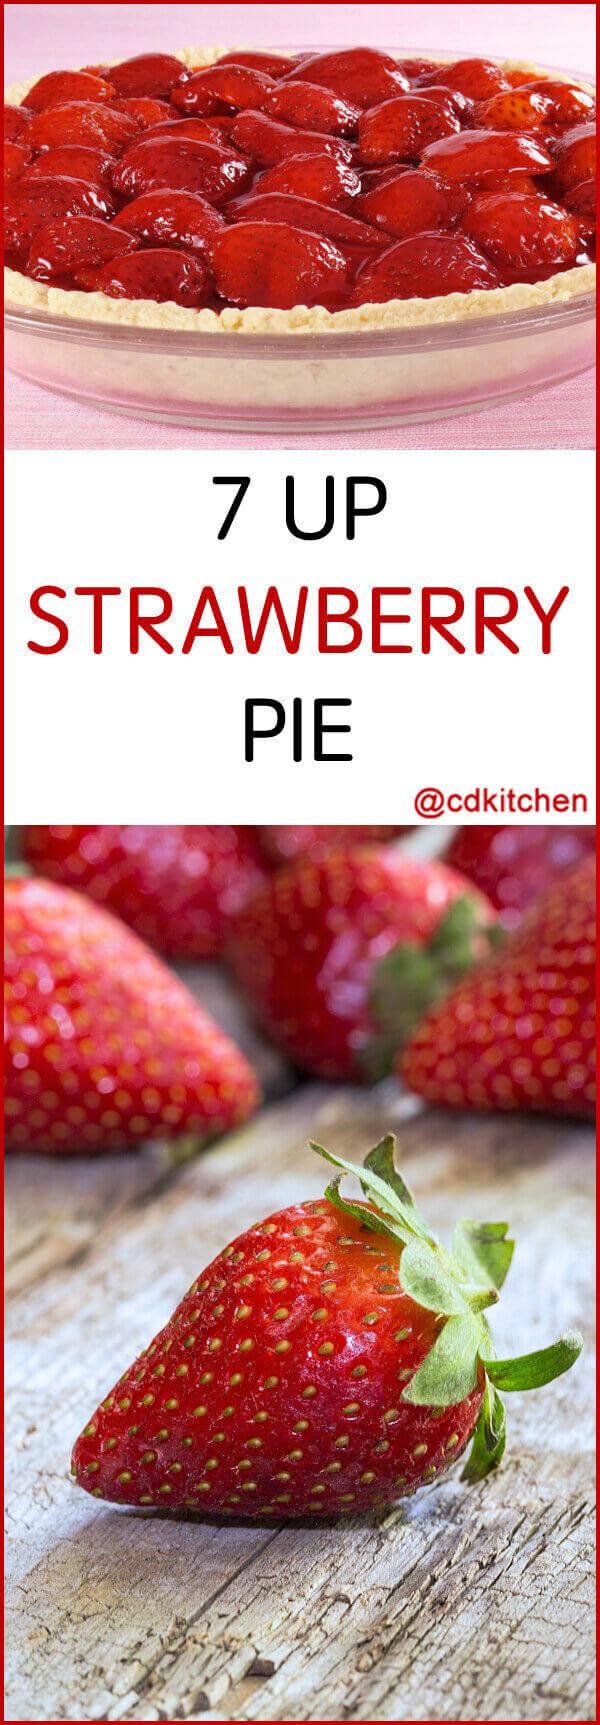 7 Up Fresh Strawberry Pie Recipe | CDKitchen.com